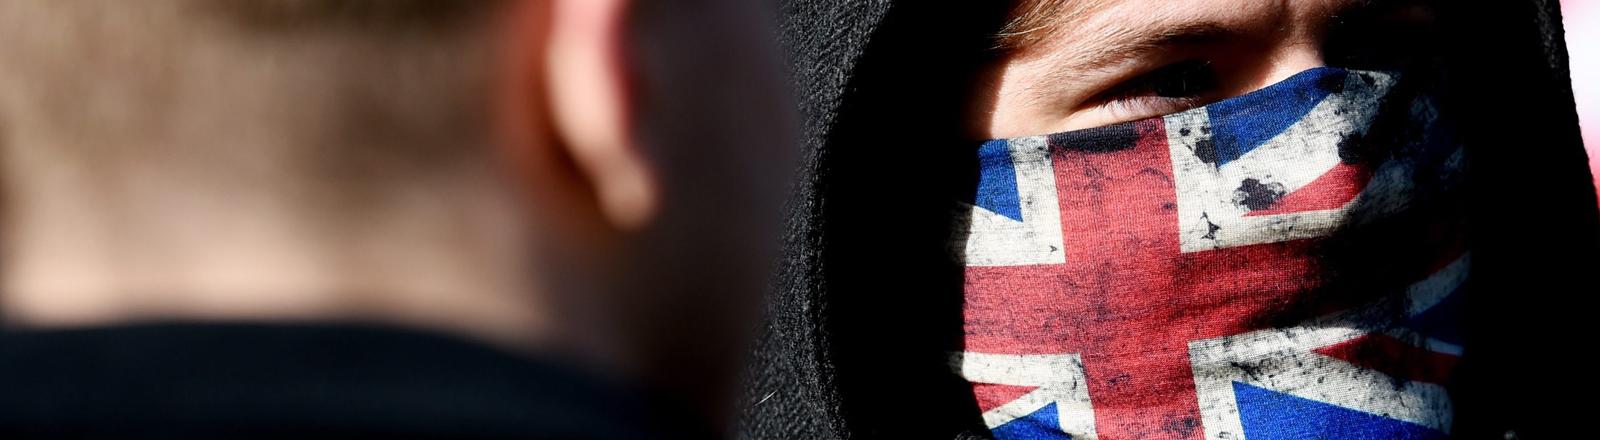 Mann mit Union Jack vor dem Gesicht